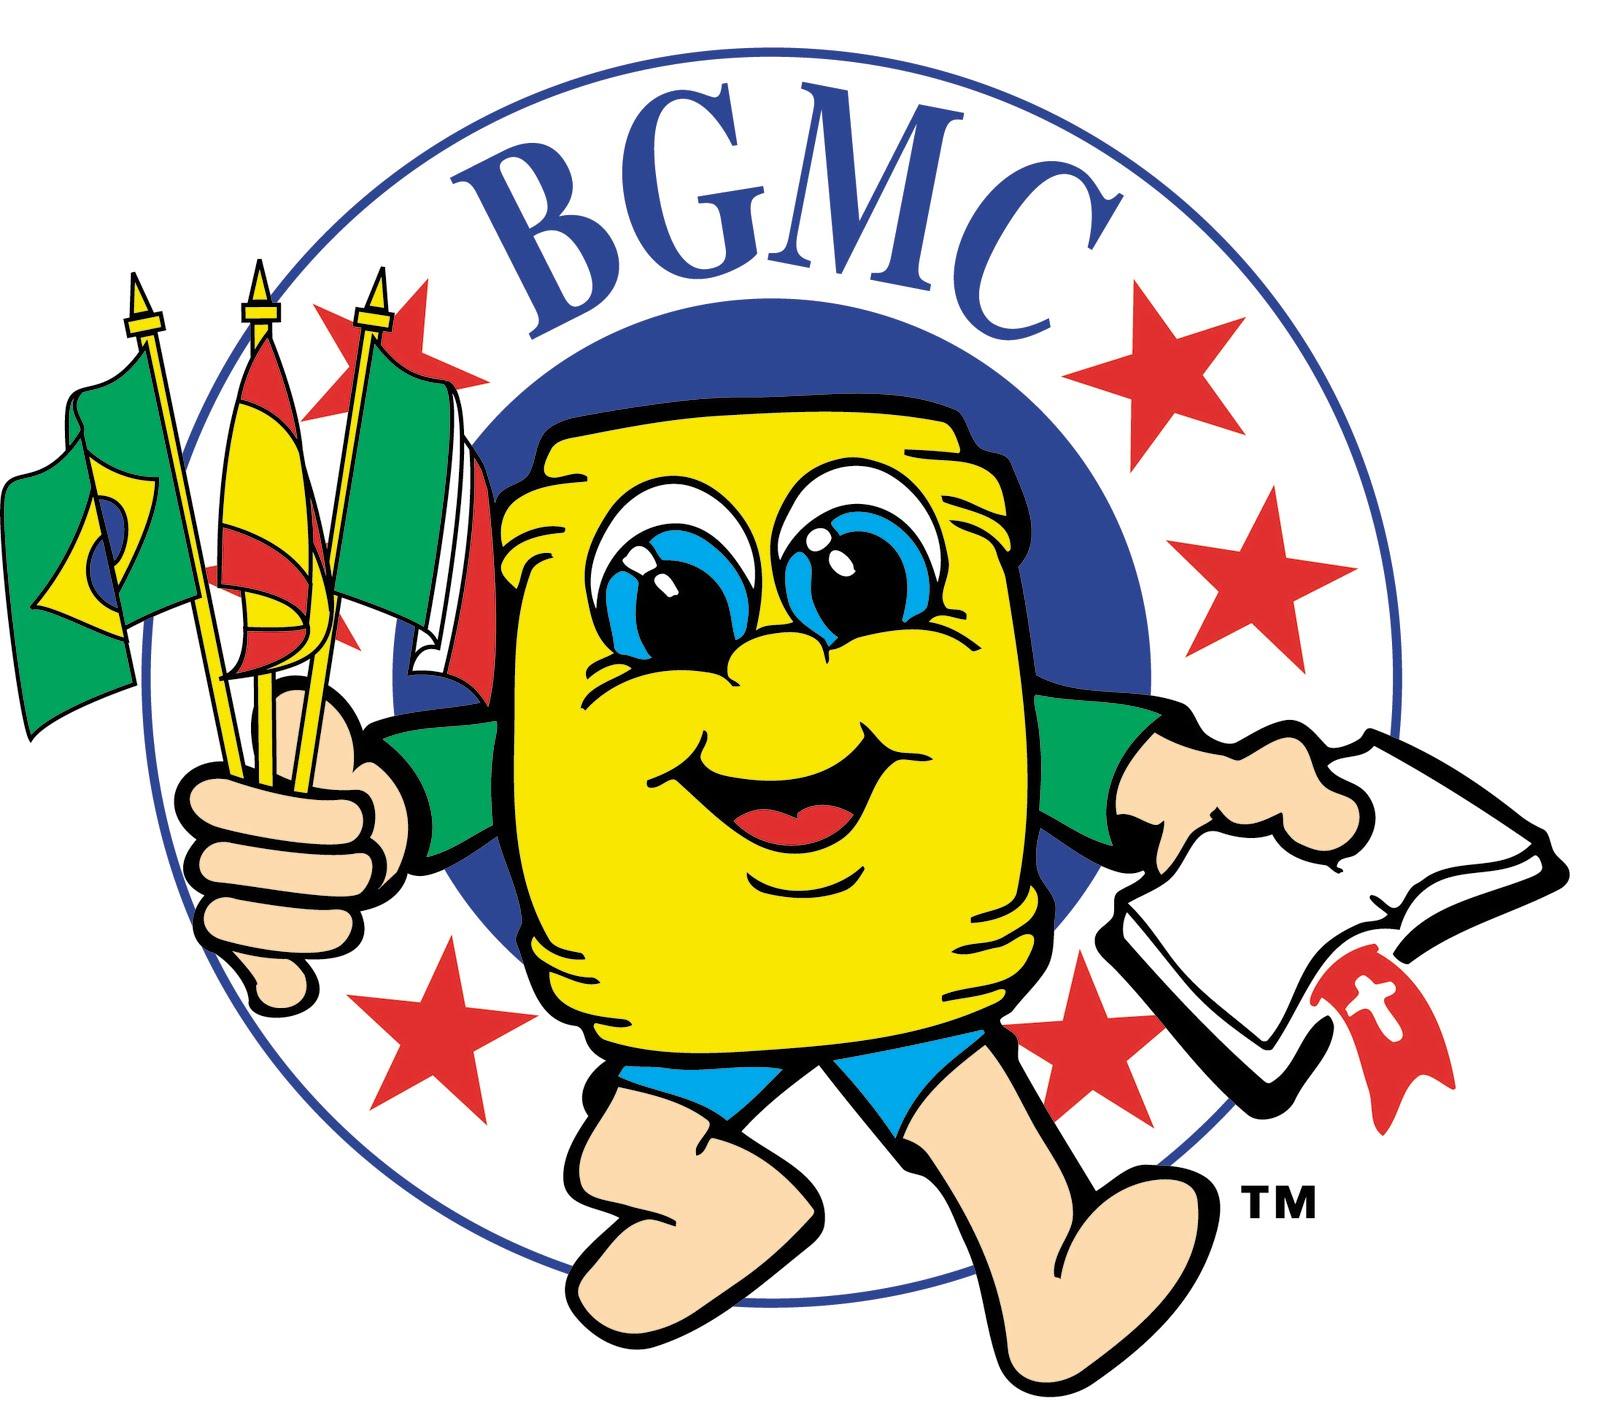 BGMC Buddy Barrel Clip Art N2 free image.